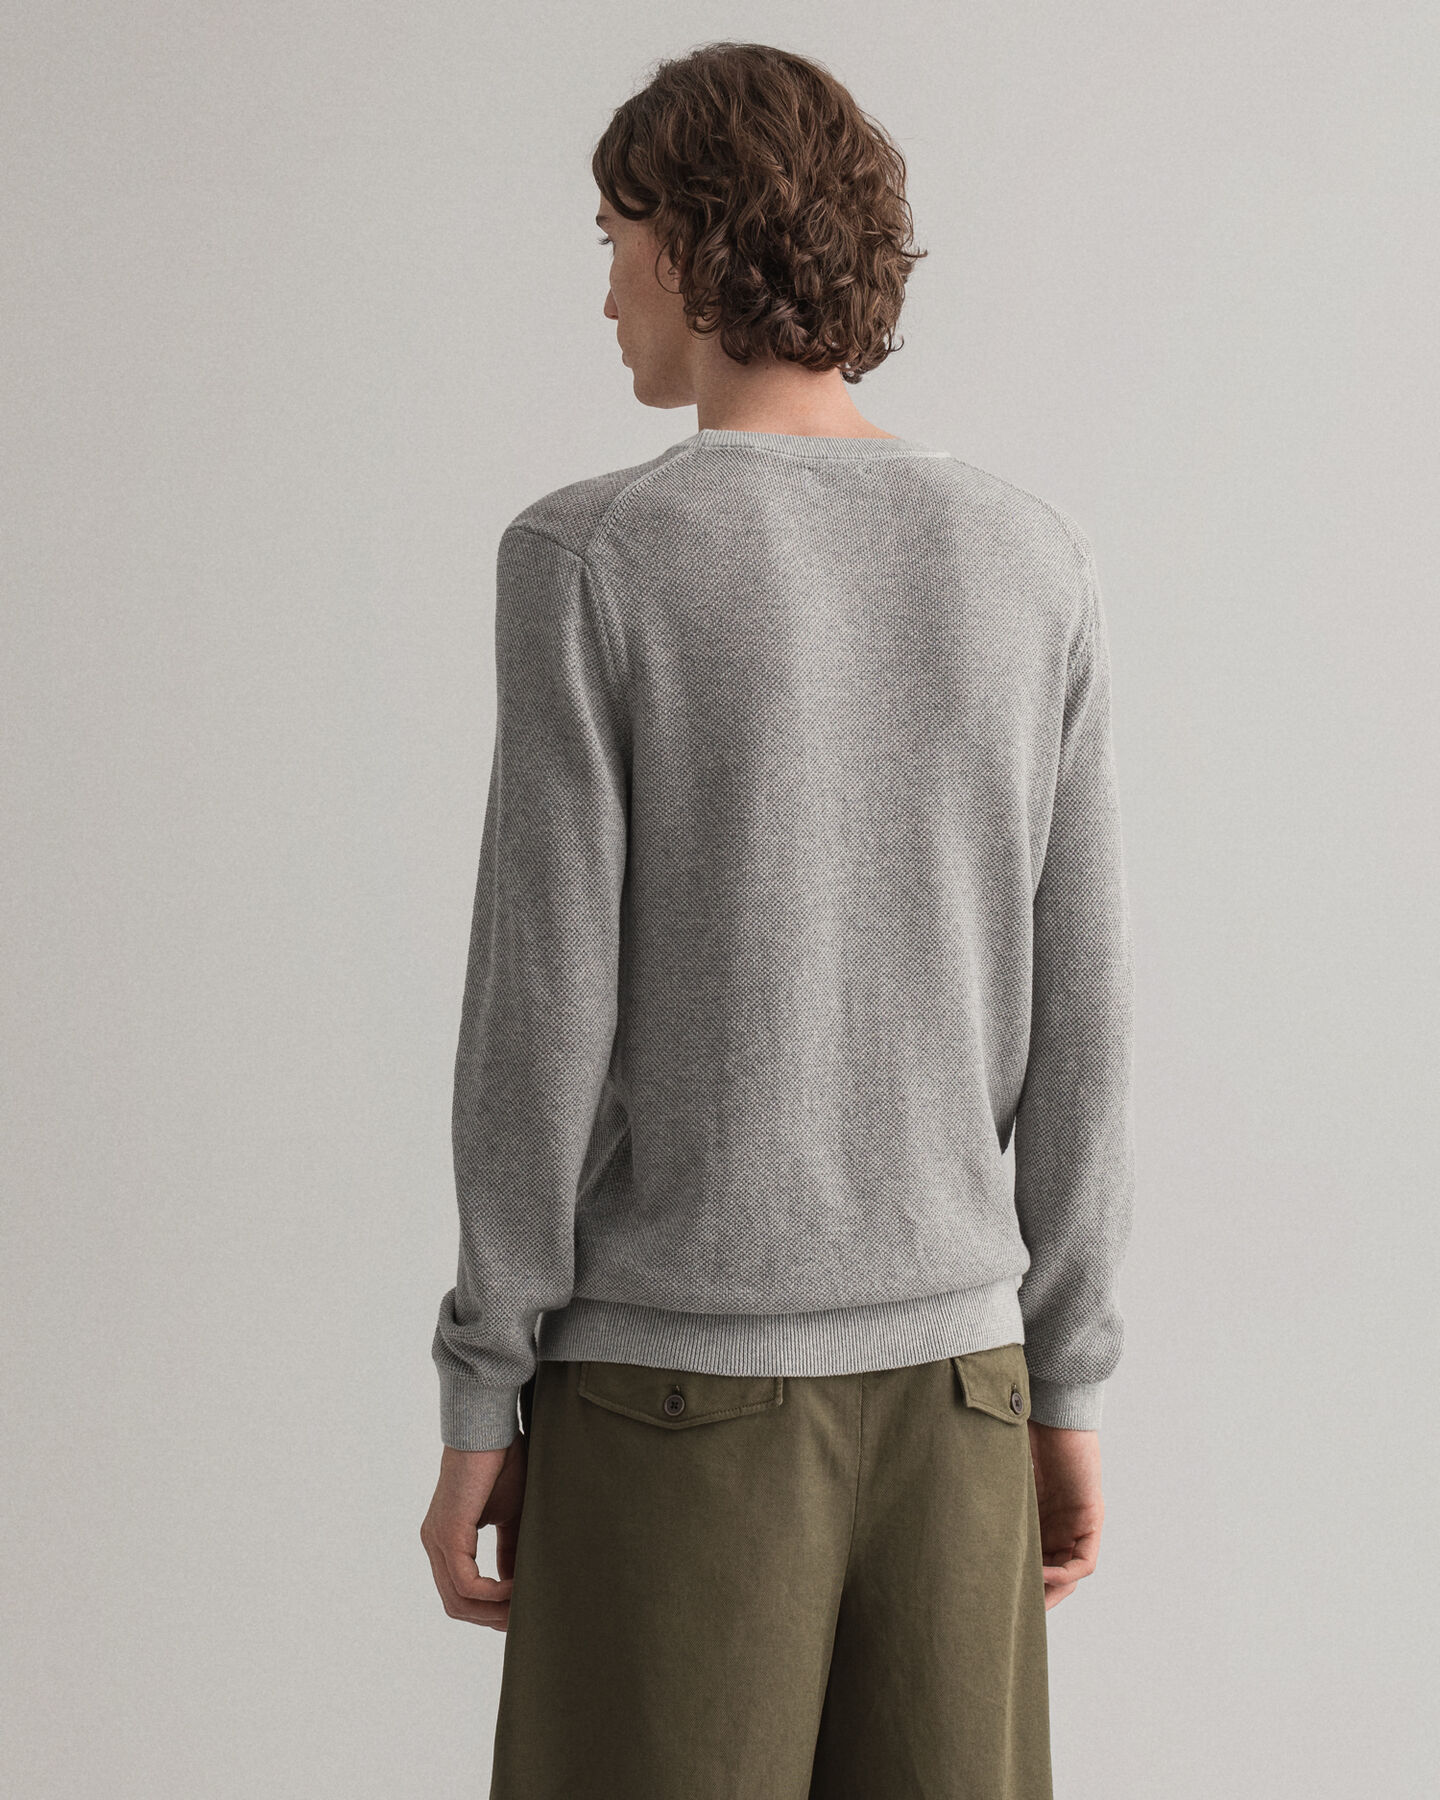 Texture Piqué Rundhalspullover